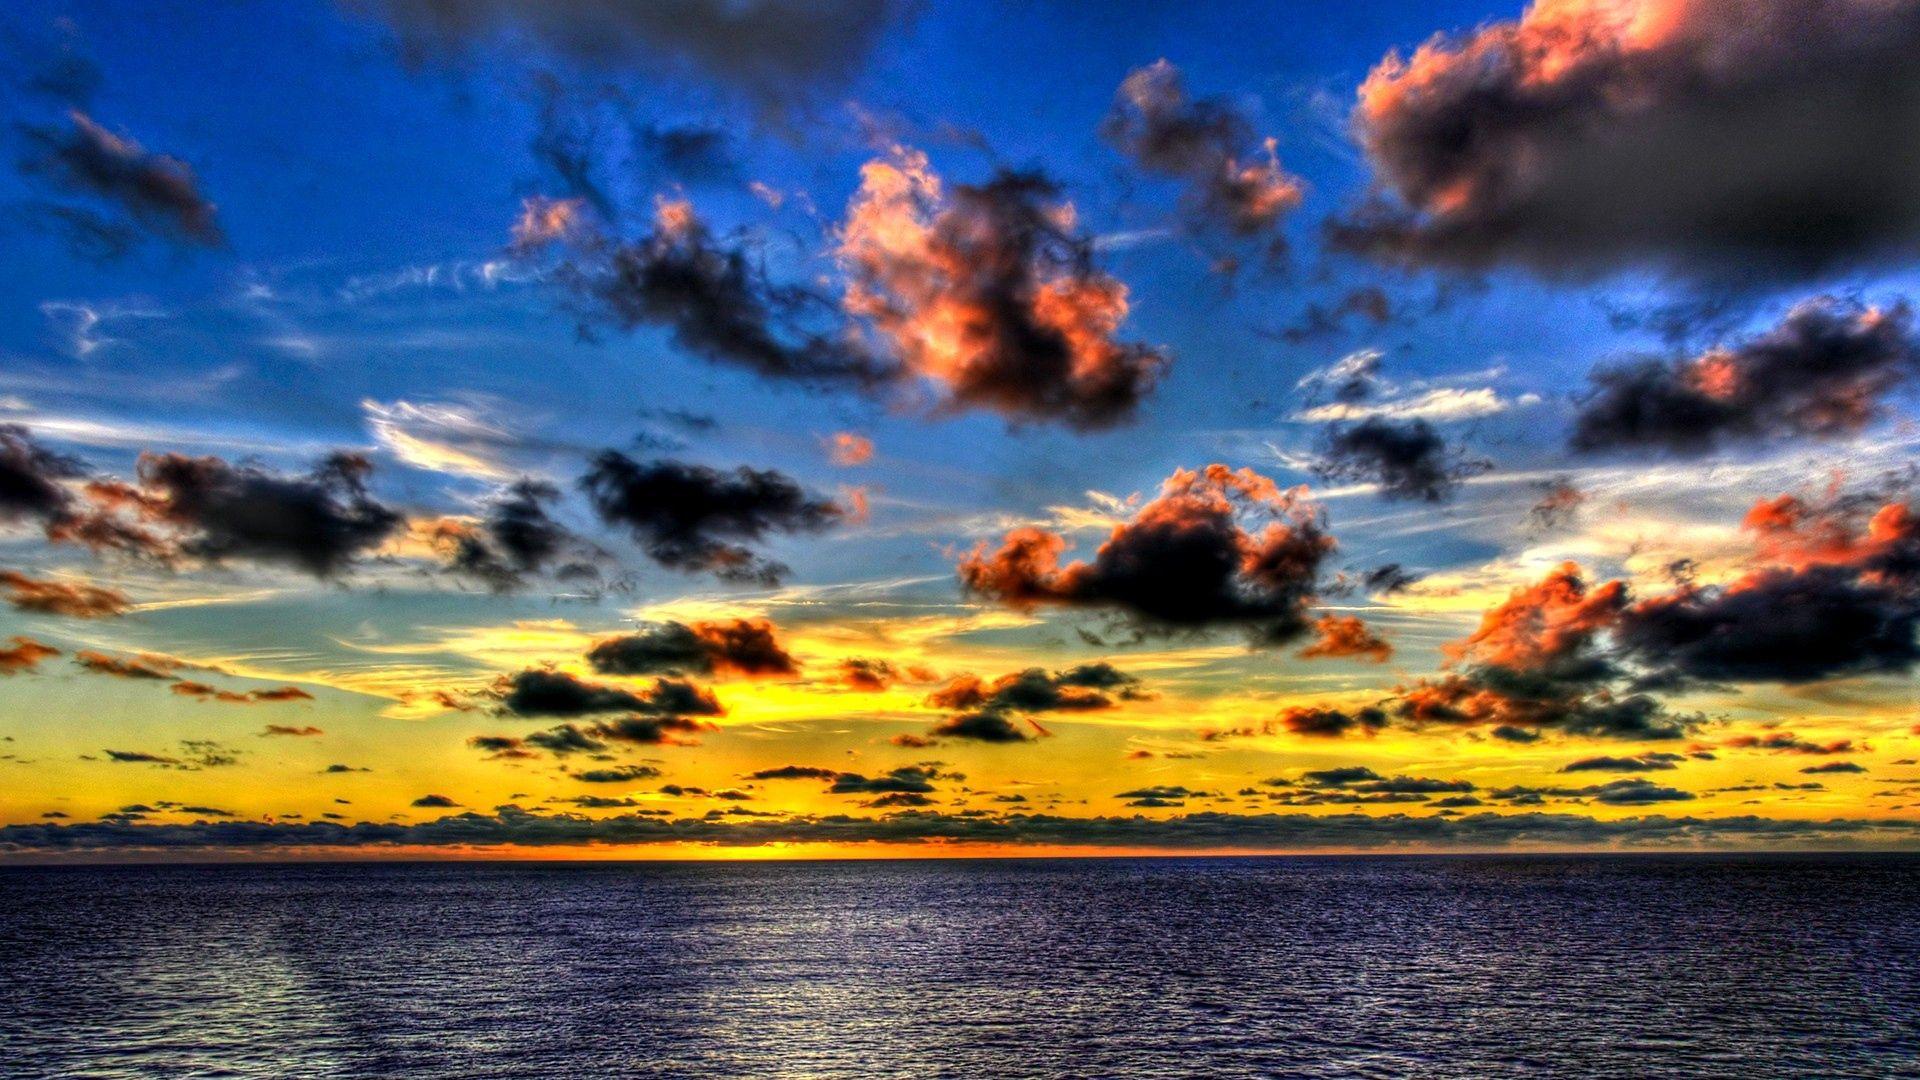 151324 завантажити Жовтий шпалери на телефон безкоштовно, Природа, Небо, Море, Хмари, Синій, Кольору, Колір, Вечір, Тіні Жовтий картинки і заставки на мобільний